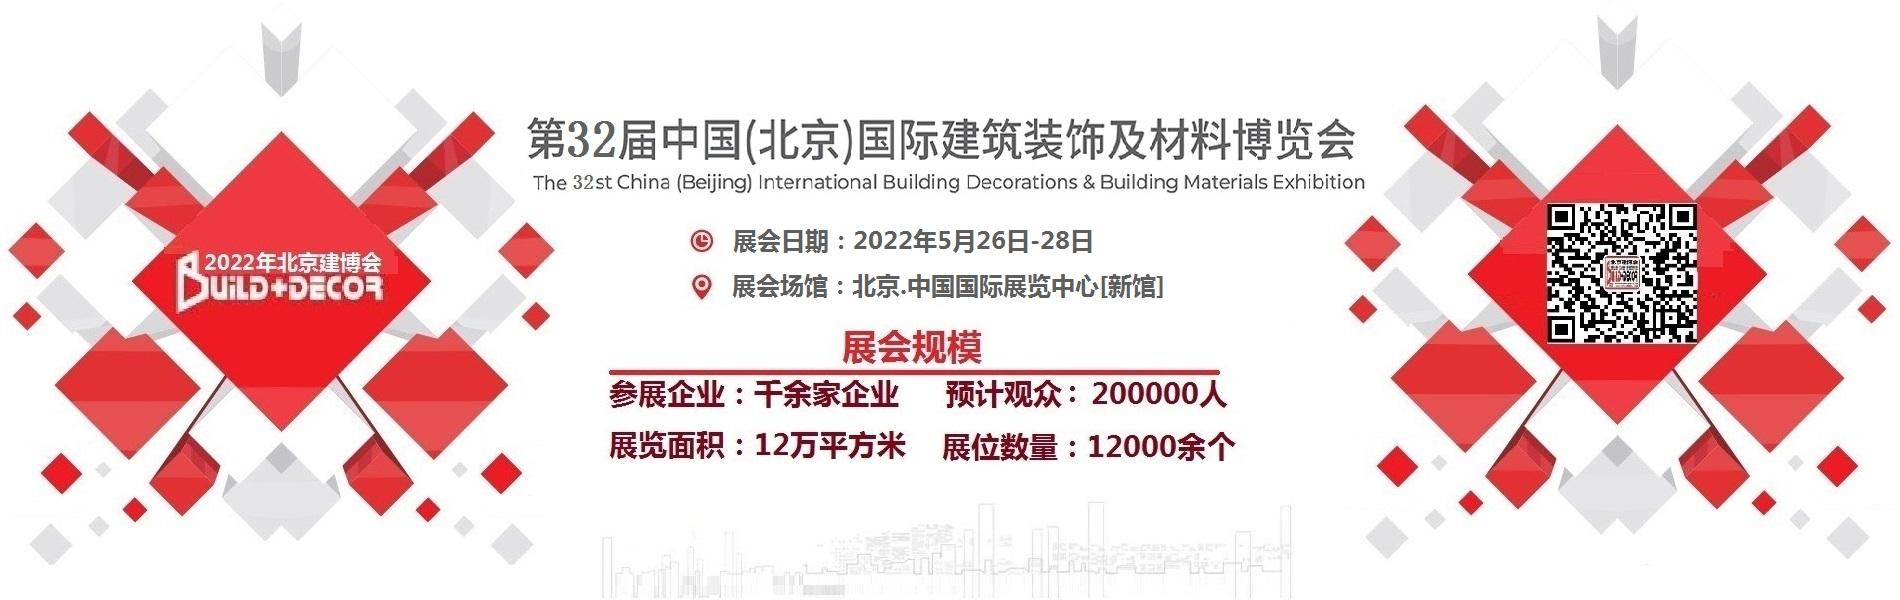 北京建博会-首页-3